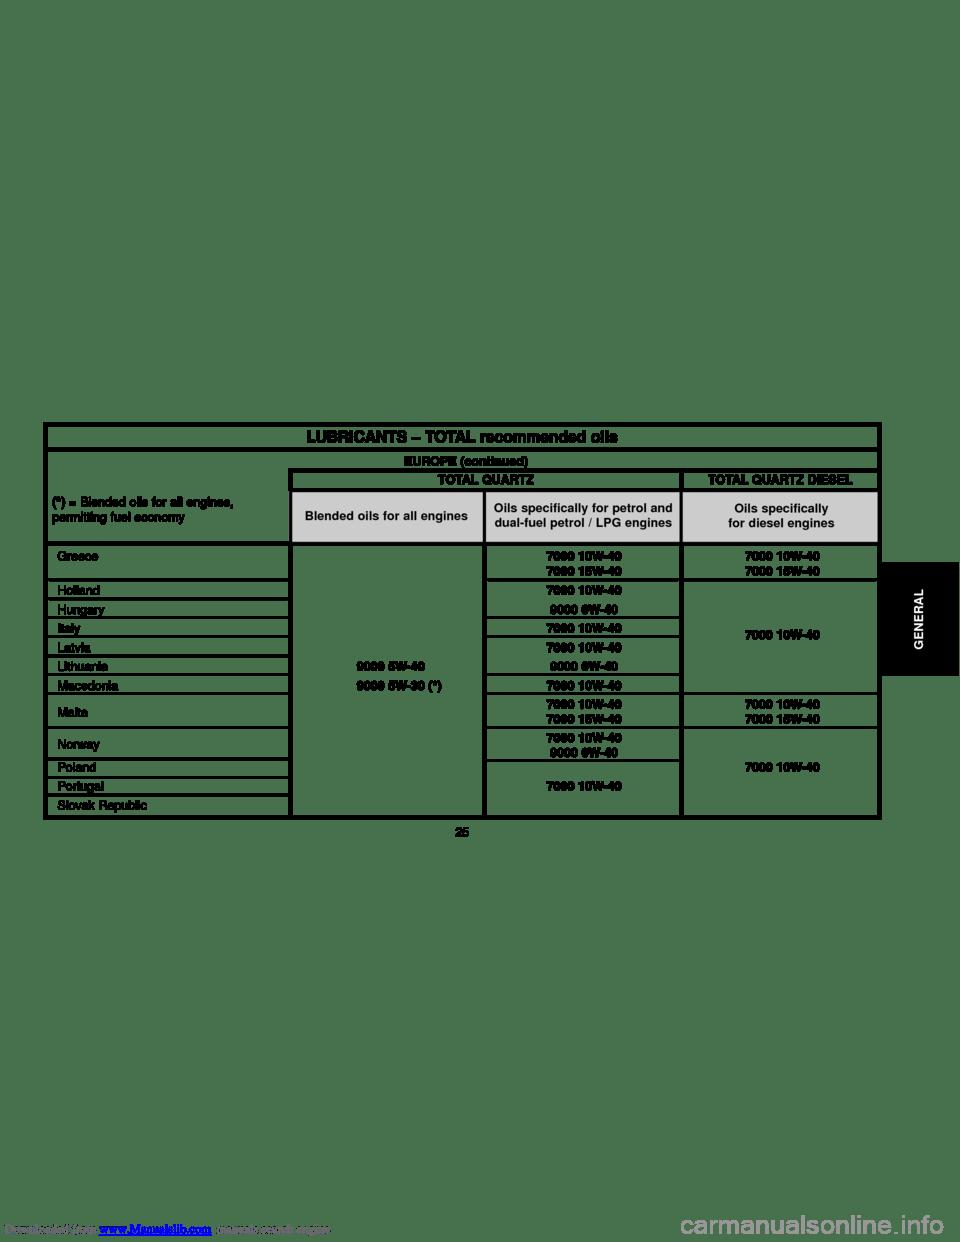 Citroen C5 2000 (DC/DE) / 1.G Owner's Guide (259 Pages)